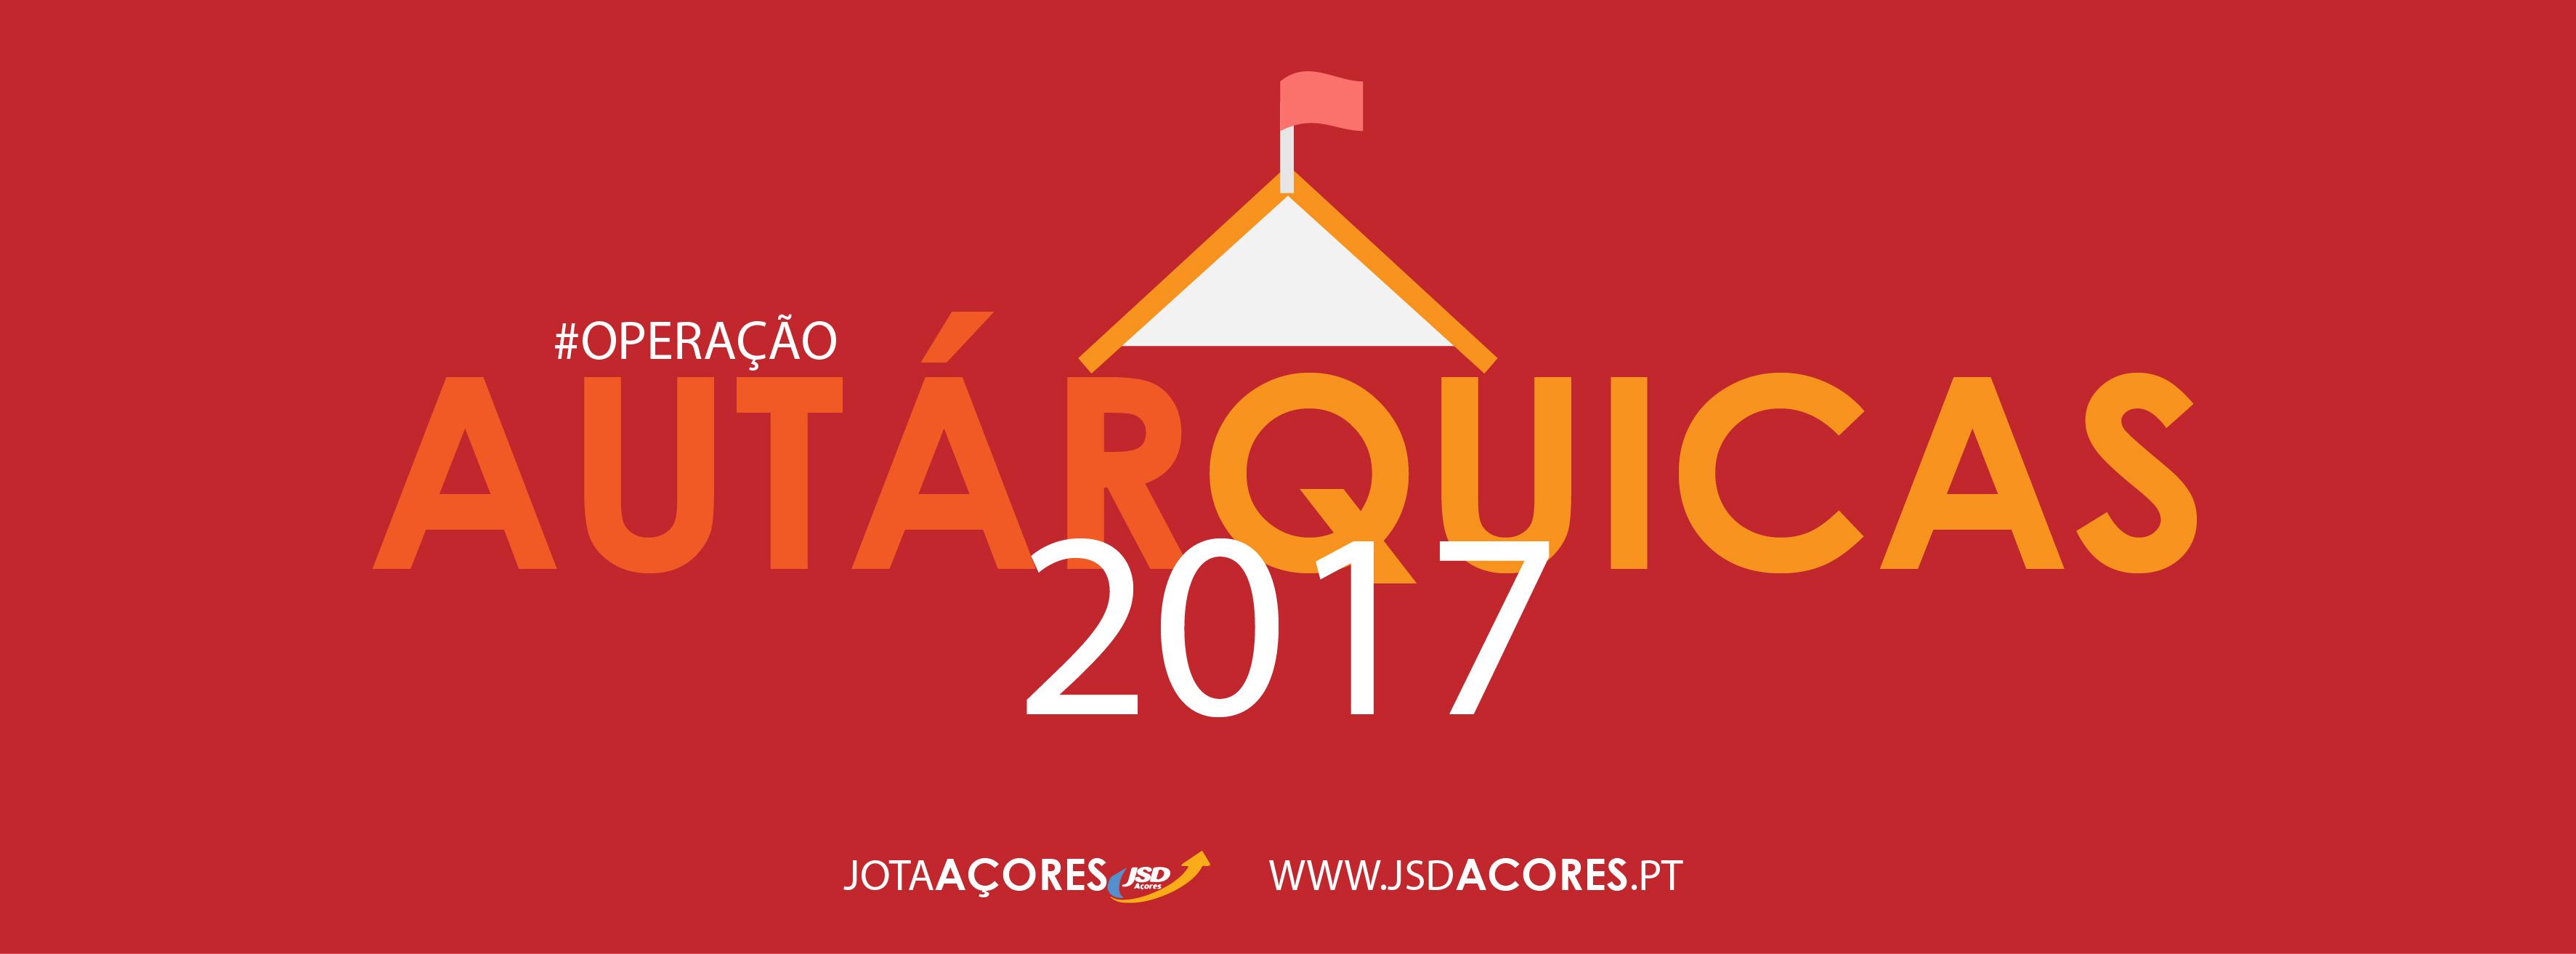 AUTARQUICAS-14